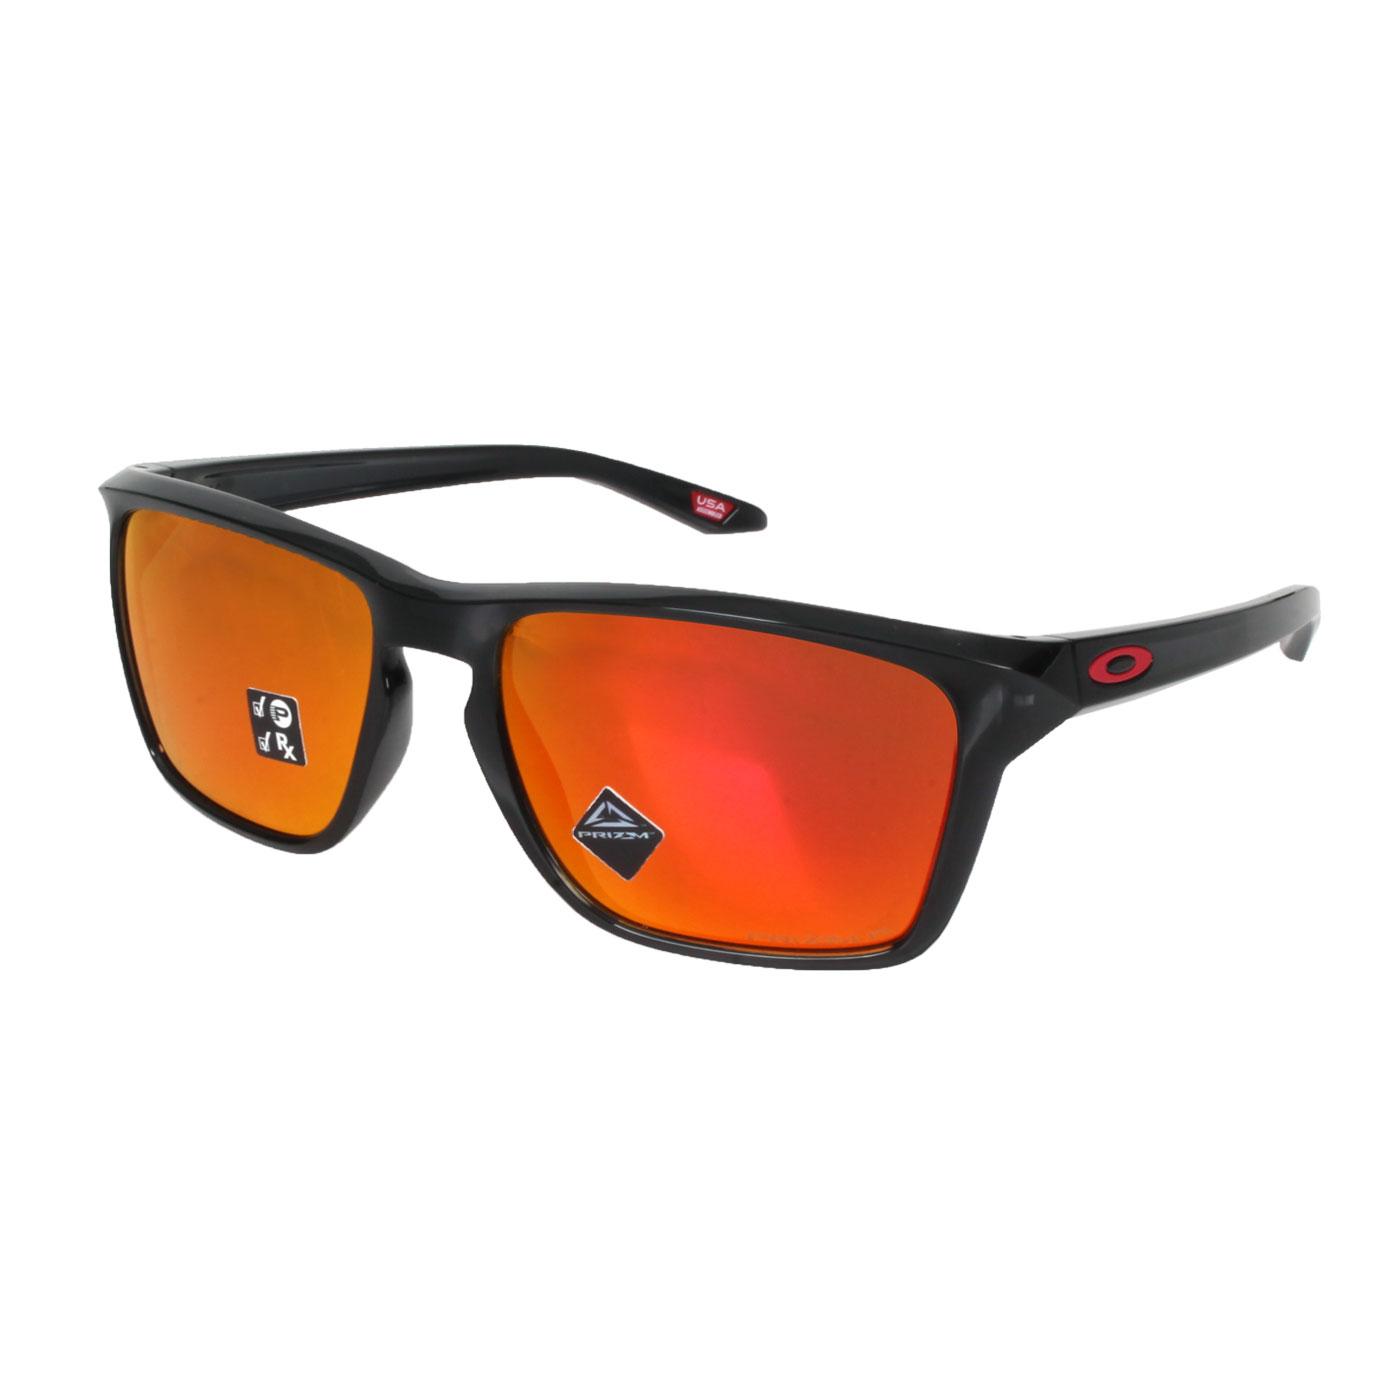 OAKLEY SYLAS 一般太陽眼鏡 OAK-OO9448-0557 - 黑紅